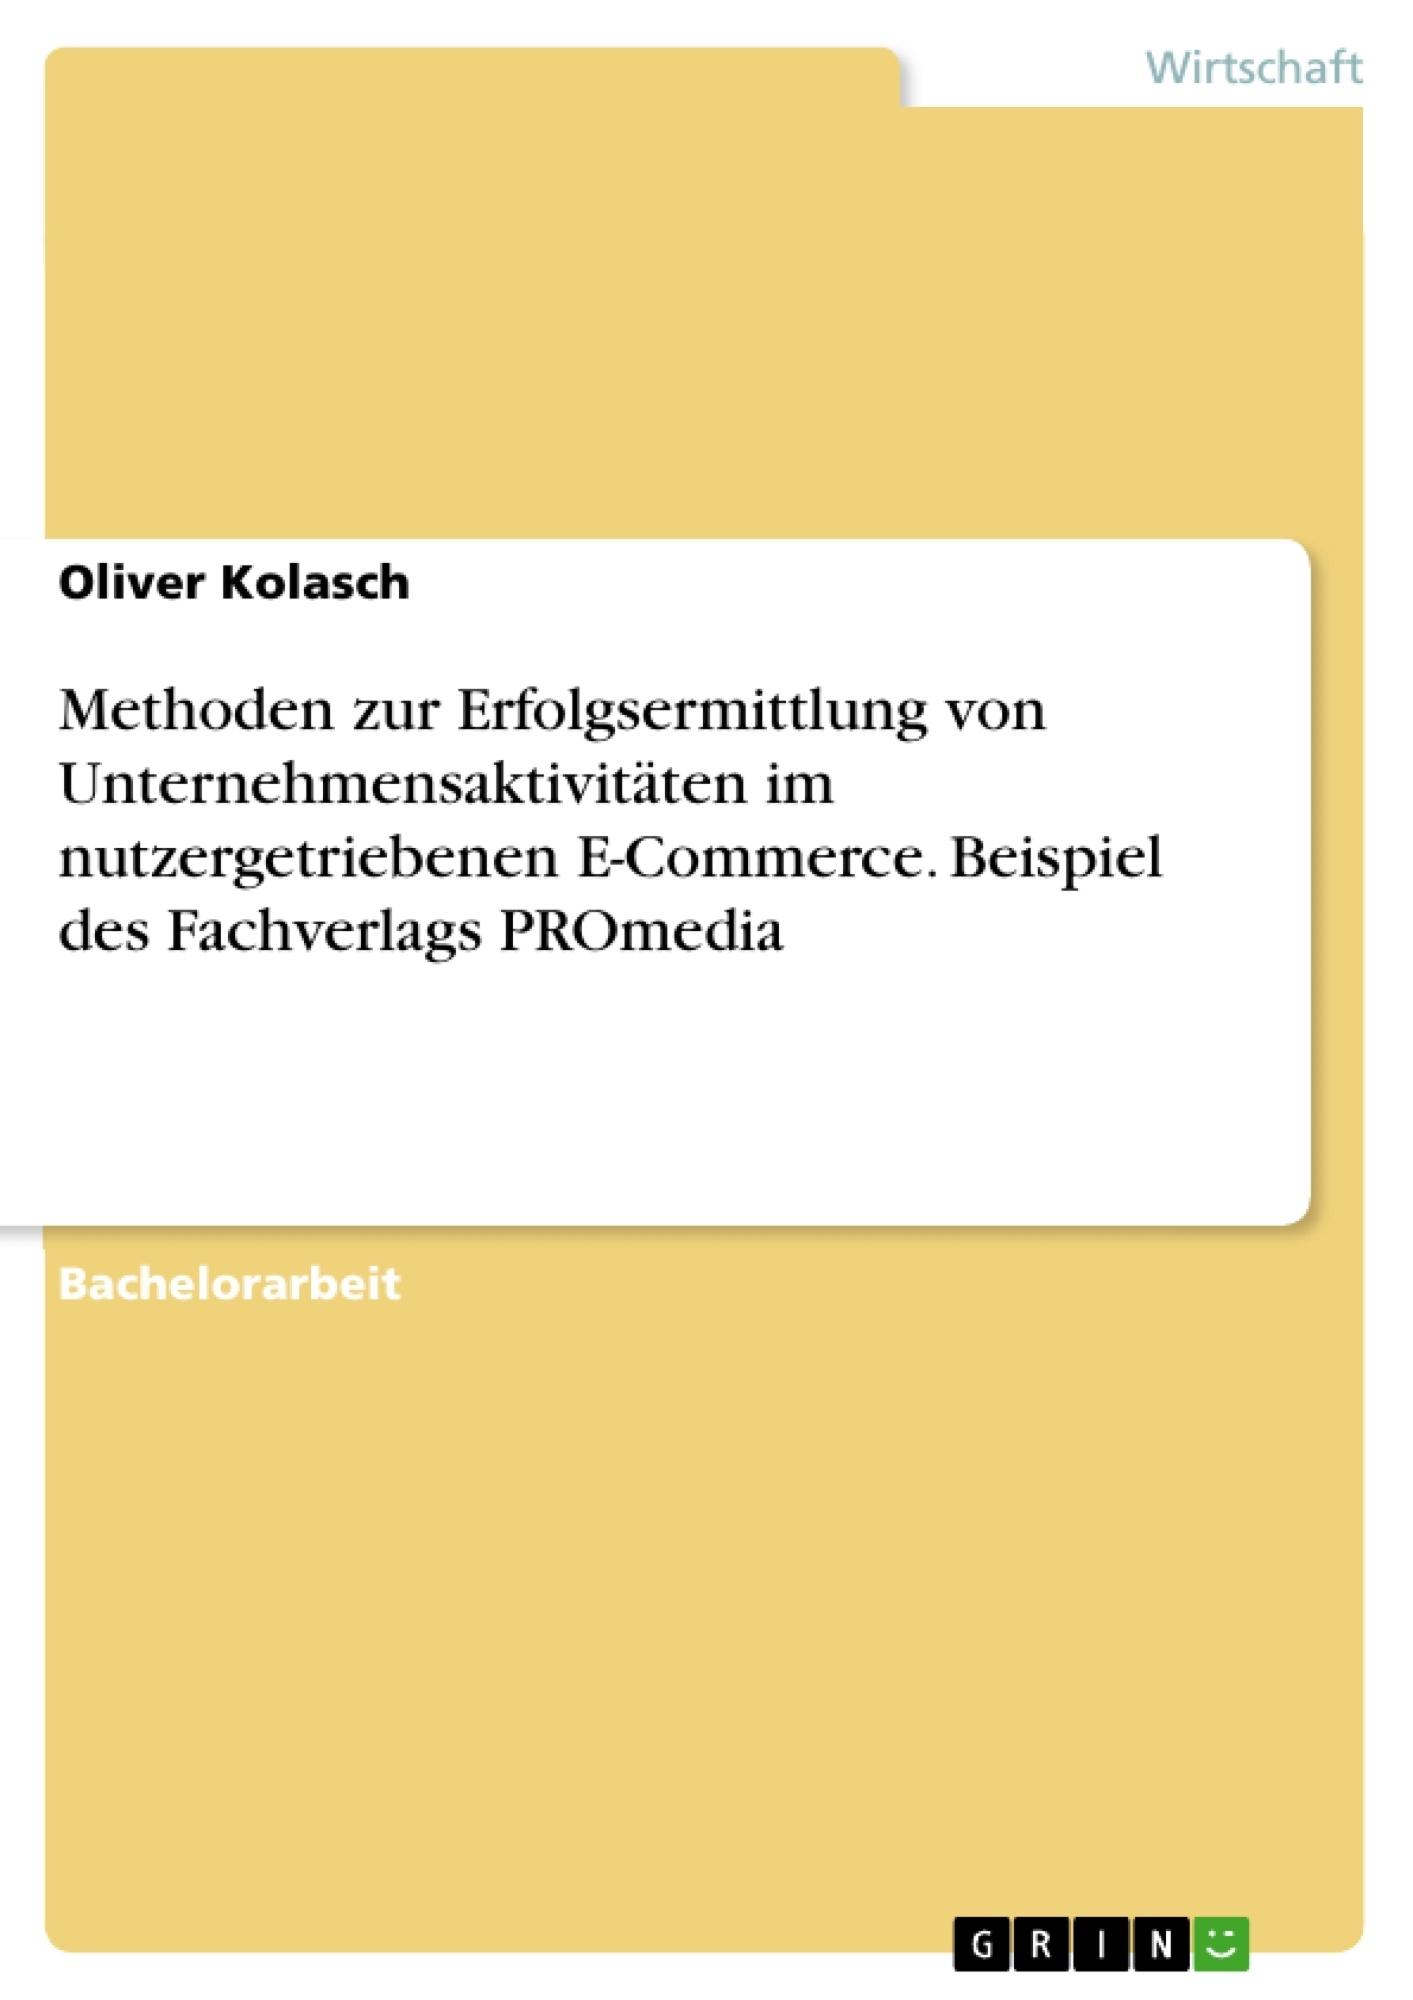 Titel: Methoden zur Erfolgsermittlung von Unternehmensaktivitäten im nutzergetriebenen E-Commerce. Beispiel des Fachverlags PROmedia